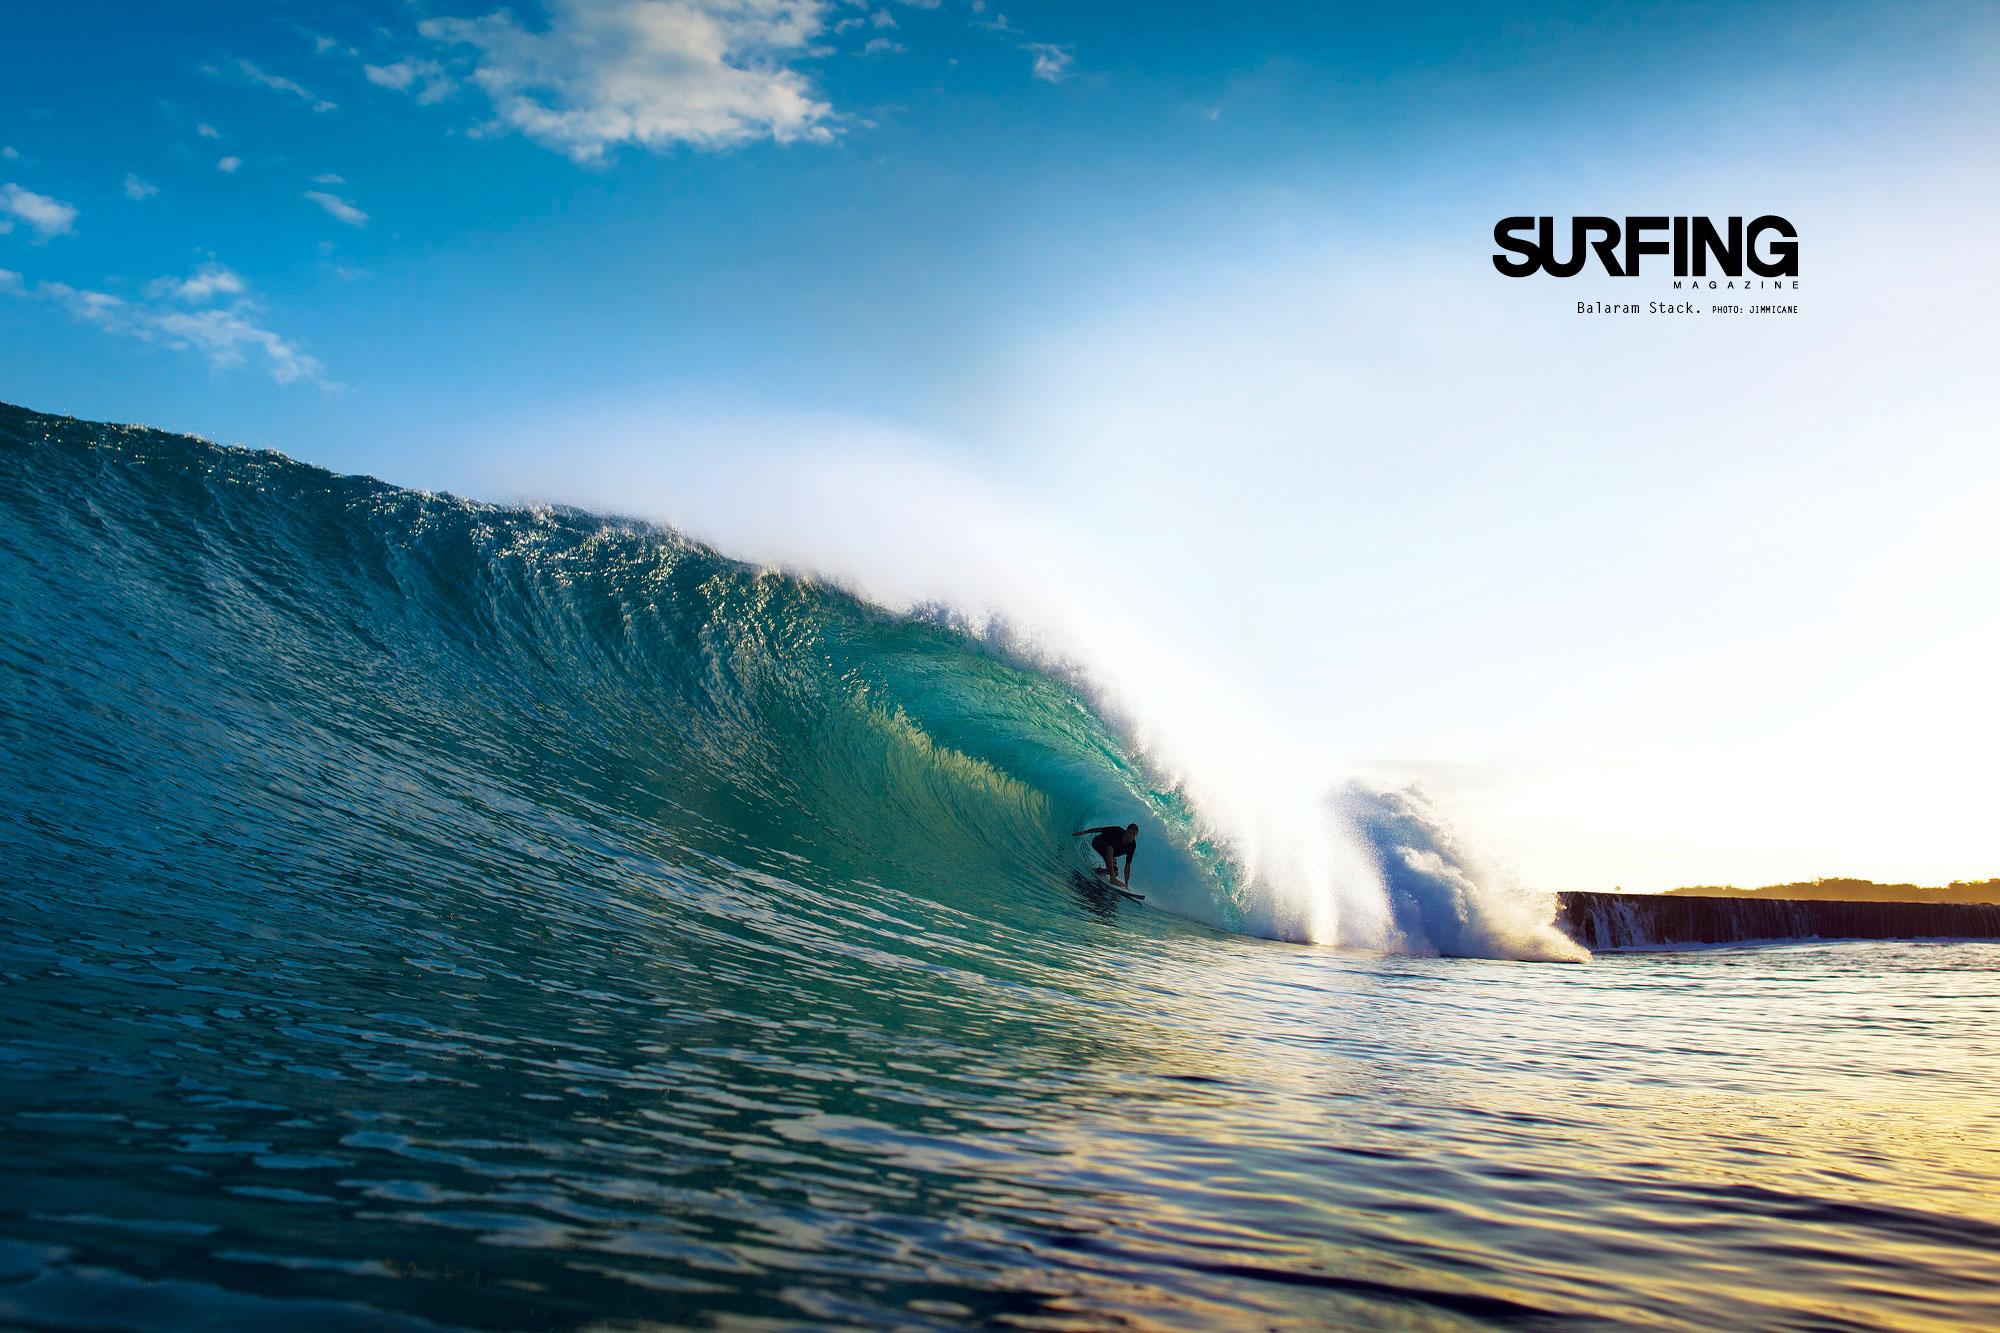 Surfer Surfing Magazine 2000x1333